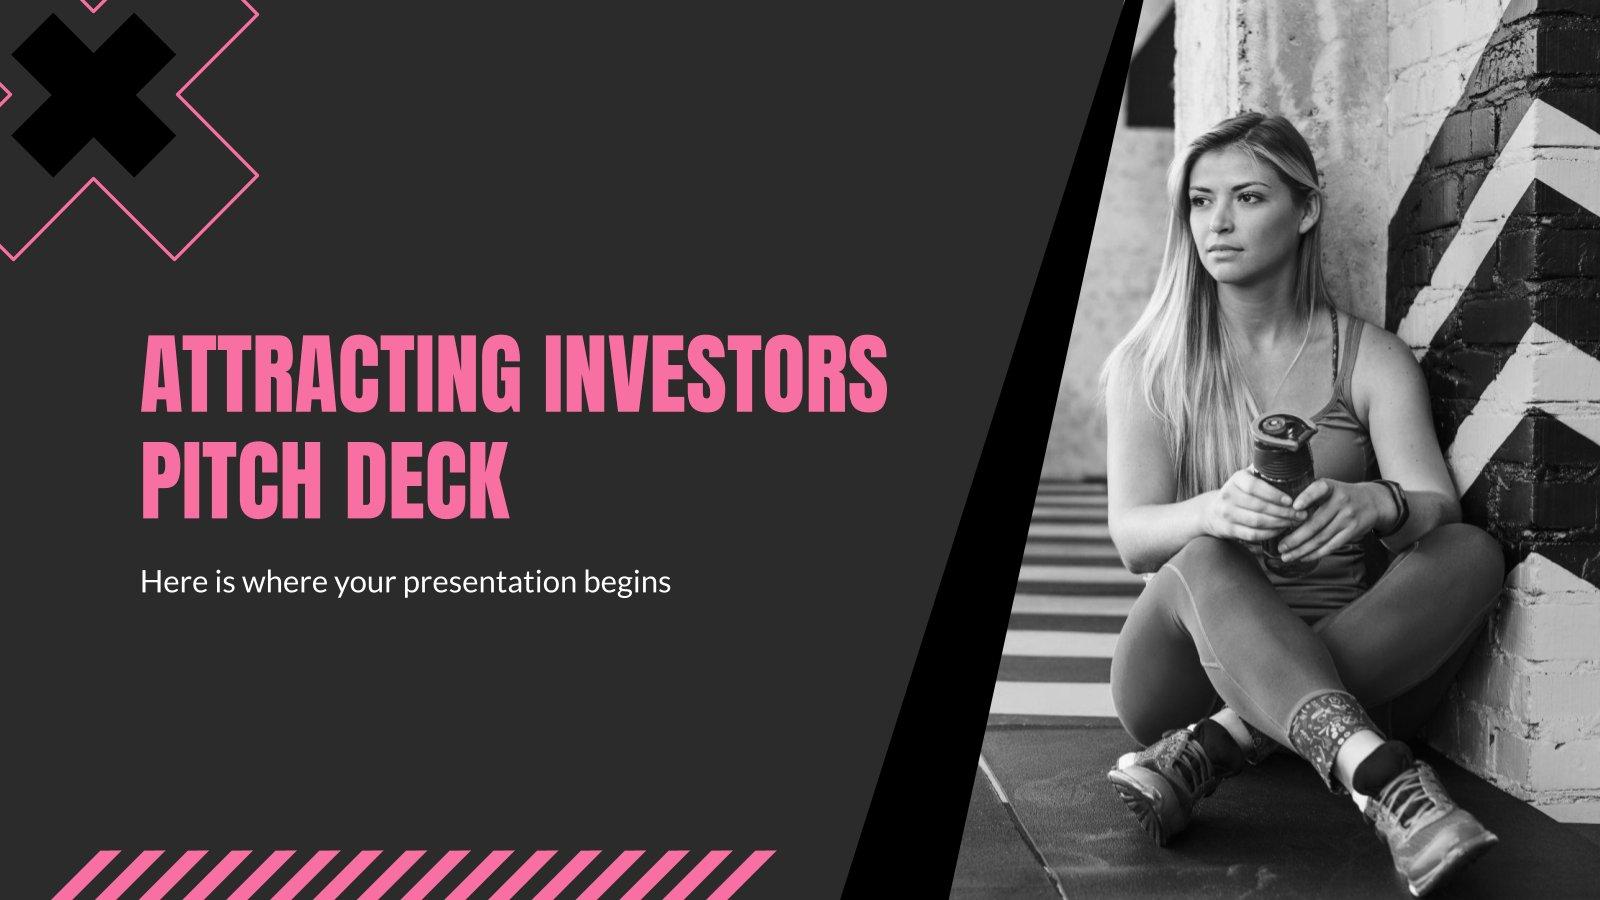 Plantilla de presentación Pitch deck para atraer inversores